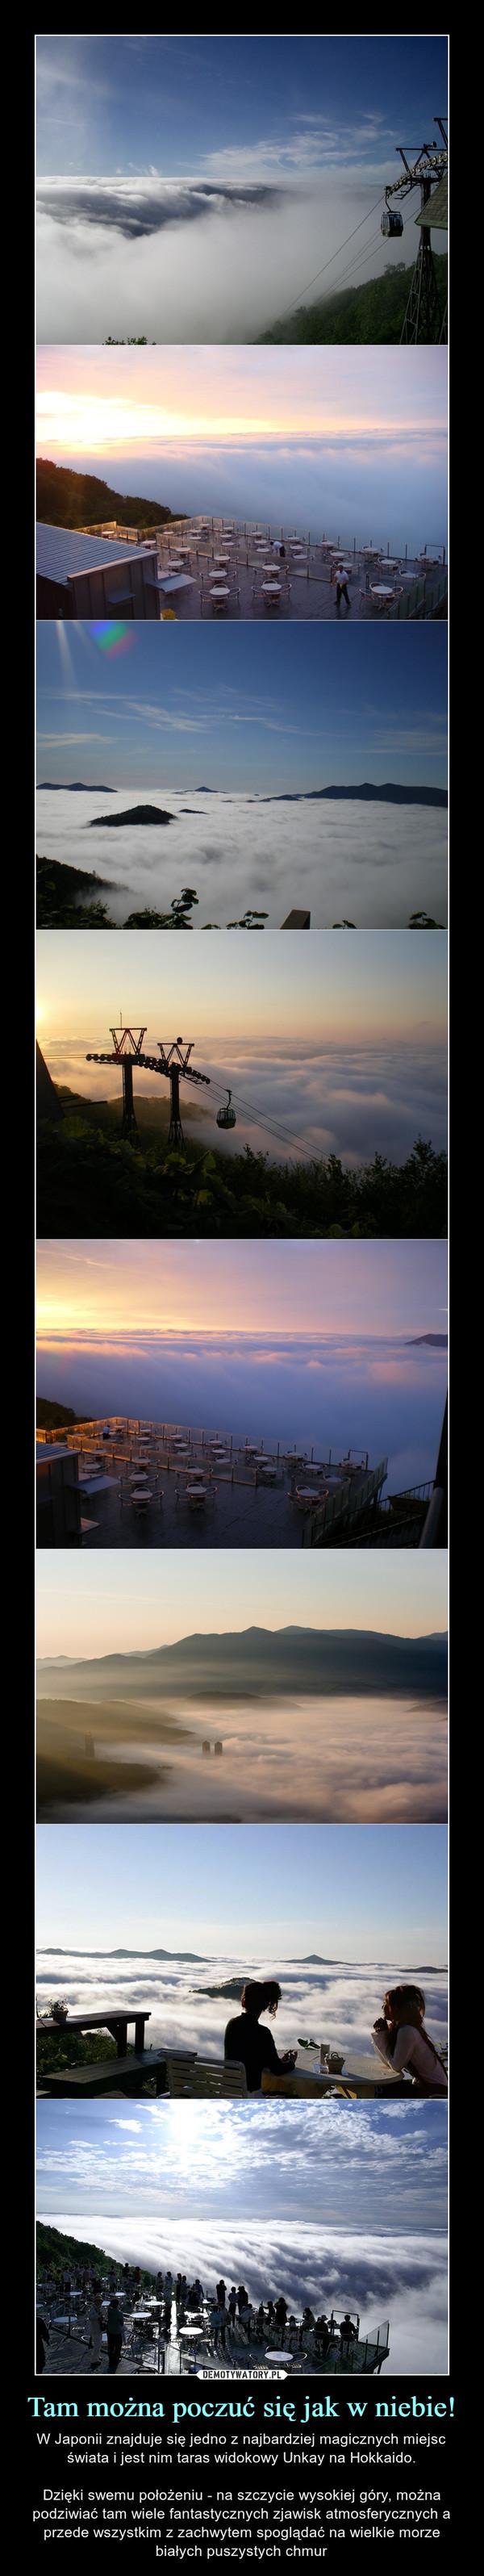 Tam można poczuć się jak w niebie! – W Japonii znajduje się jedno z najbardziej magicznych miejsc świata i jest nim taras widokowy Unkay na Hokkaido.Dzięki swemu położeniu - na szczycie wysokiej góry, można podziwiać tam wiele fantastycznych zjawisk atmosferycznych a przede wszystkim z zachwytem spoglądać na wielkie morze białych puszystych chmur